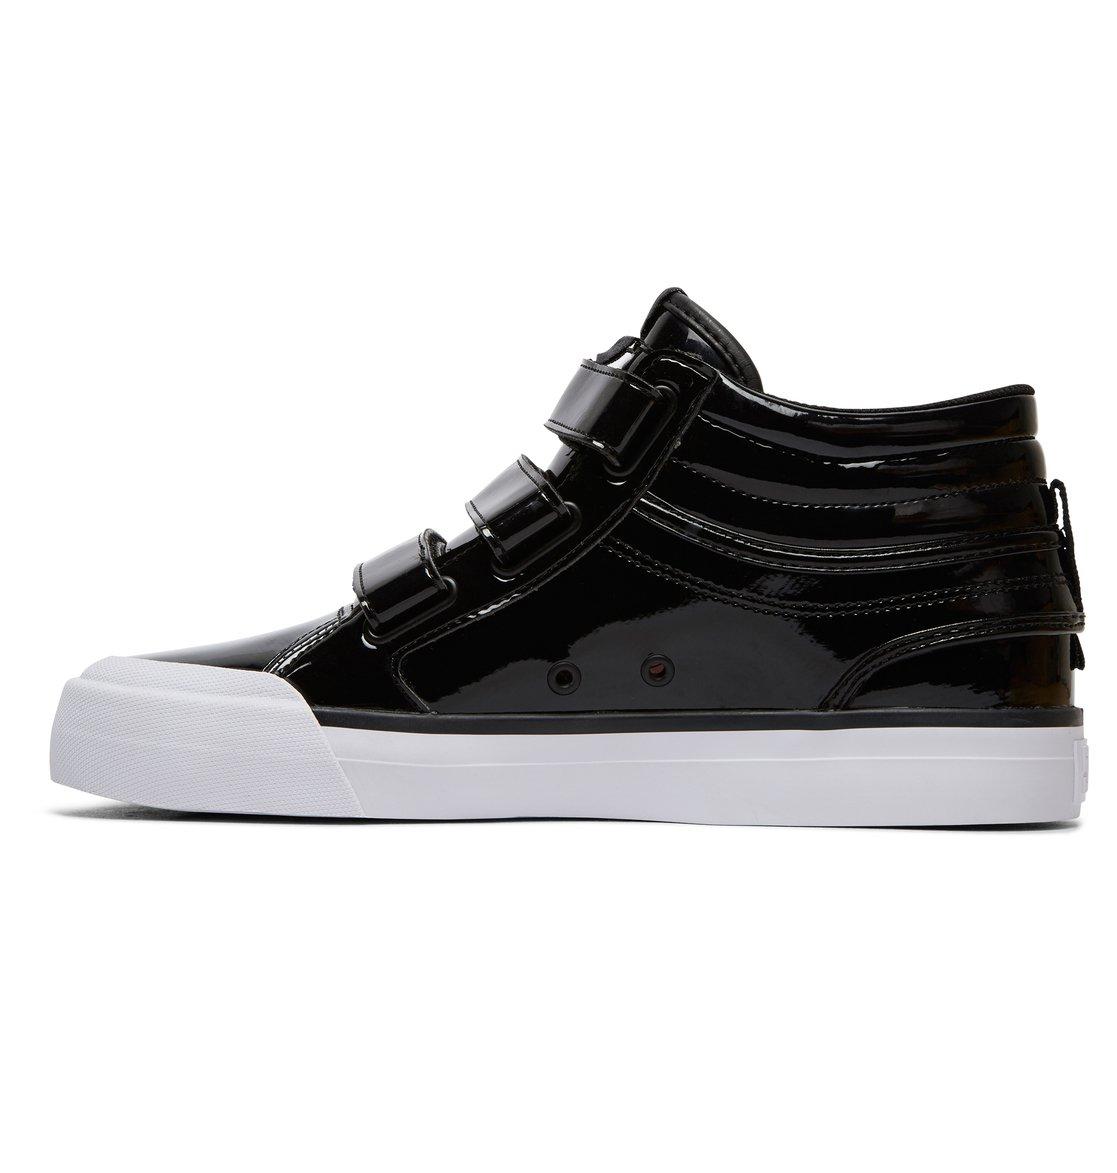 dc shoes Evan Hi - Scarpe alte da Ragazzo - Black - DC Shoes Ofertas De Precio Barato Venta Footaction Recomendar Barato En Línea Muy Barato En Línea opgtTUeb1e